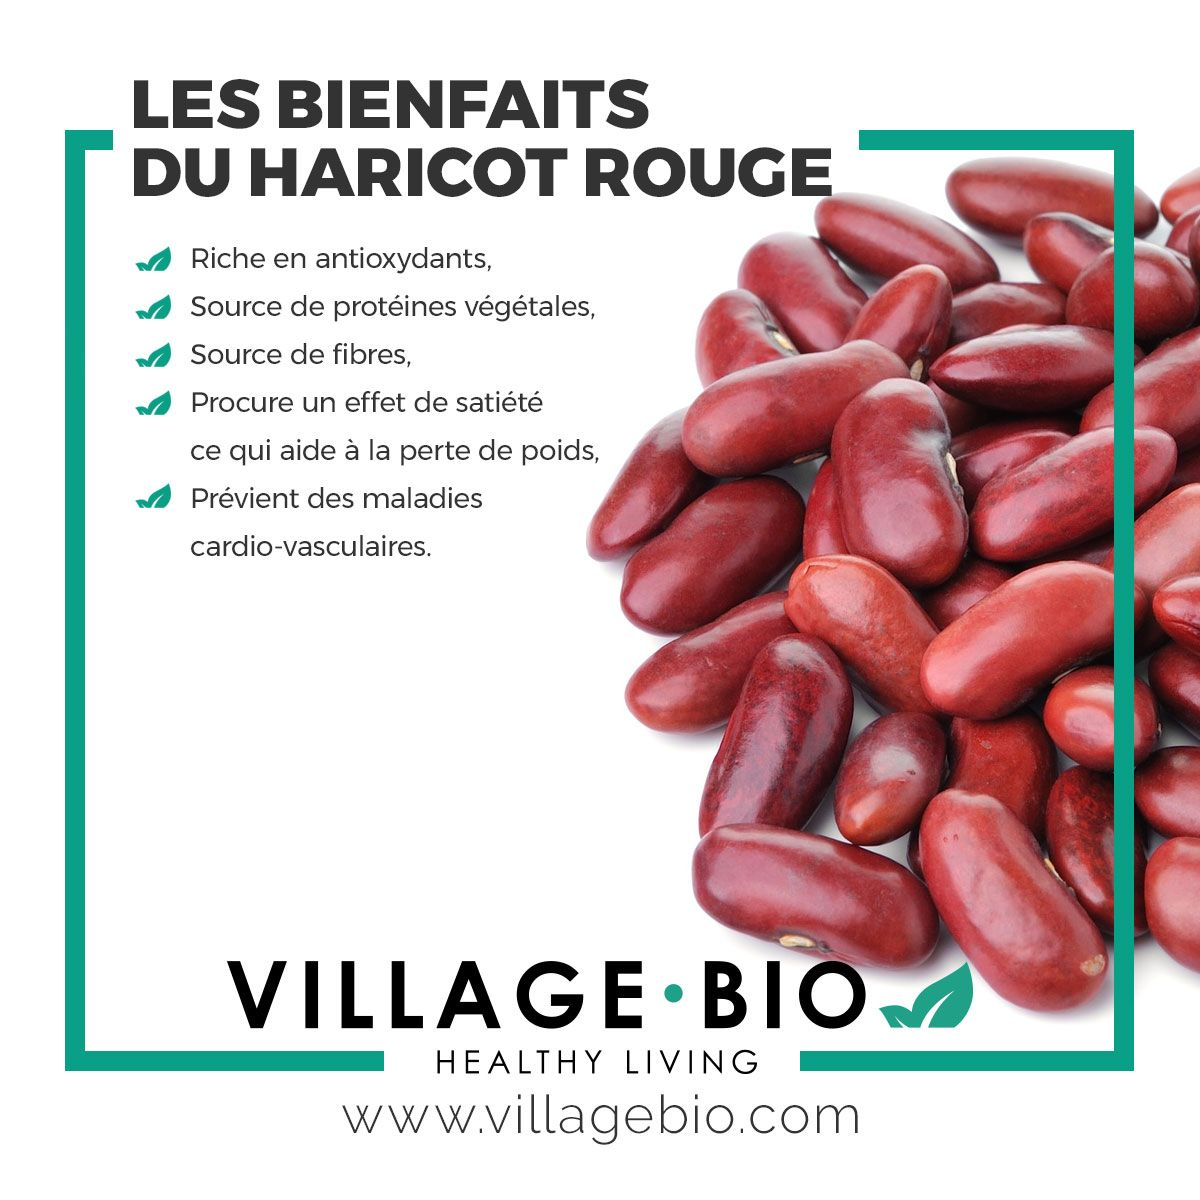 Les avantages des haricots rouges